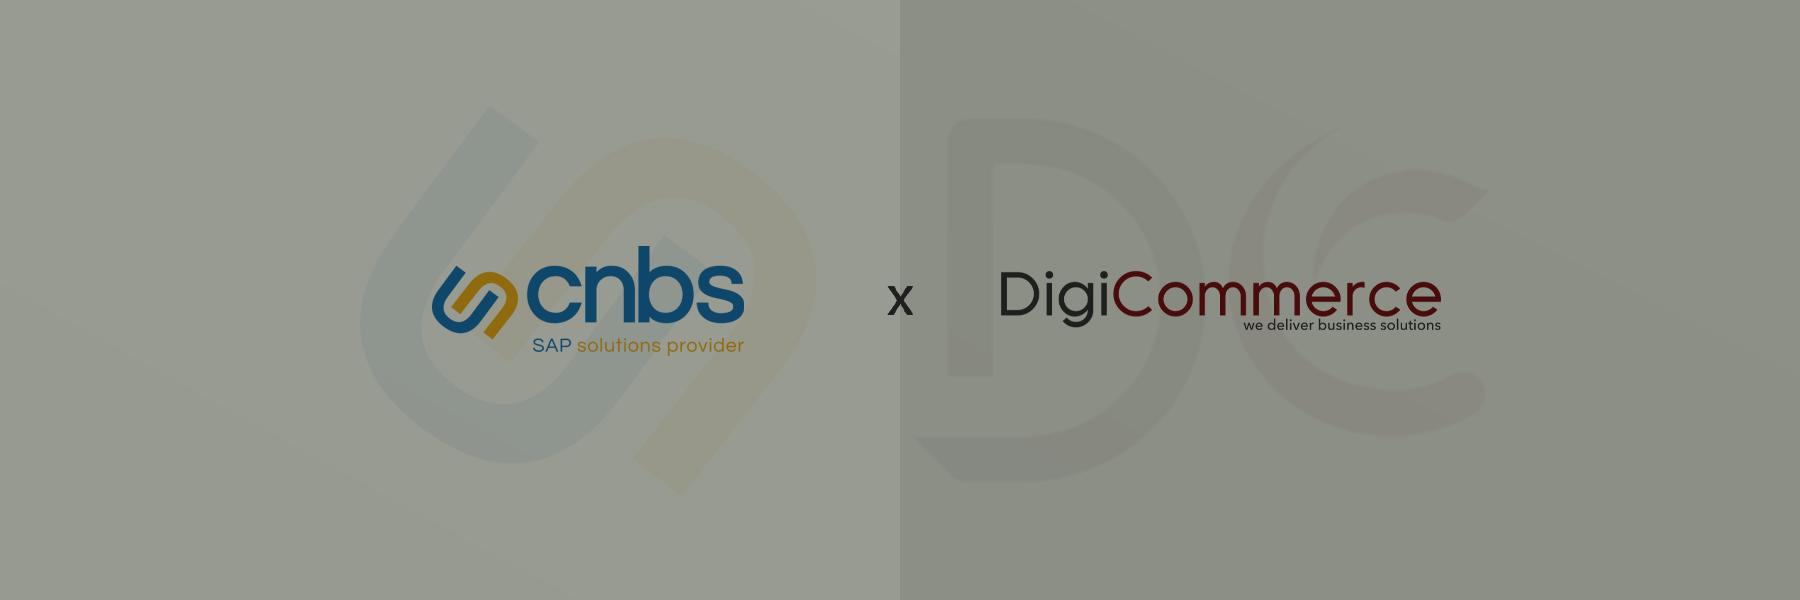 DigiCommerce Partnership